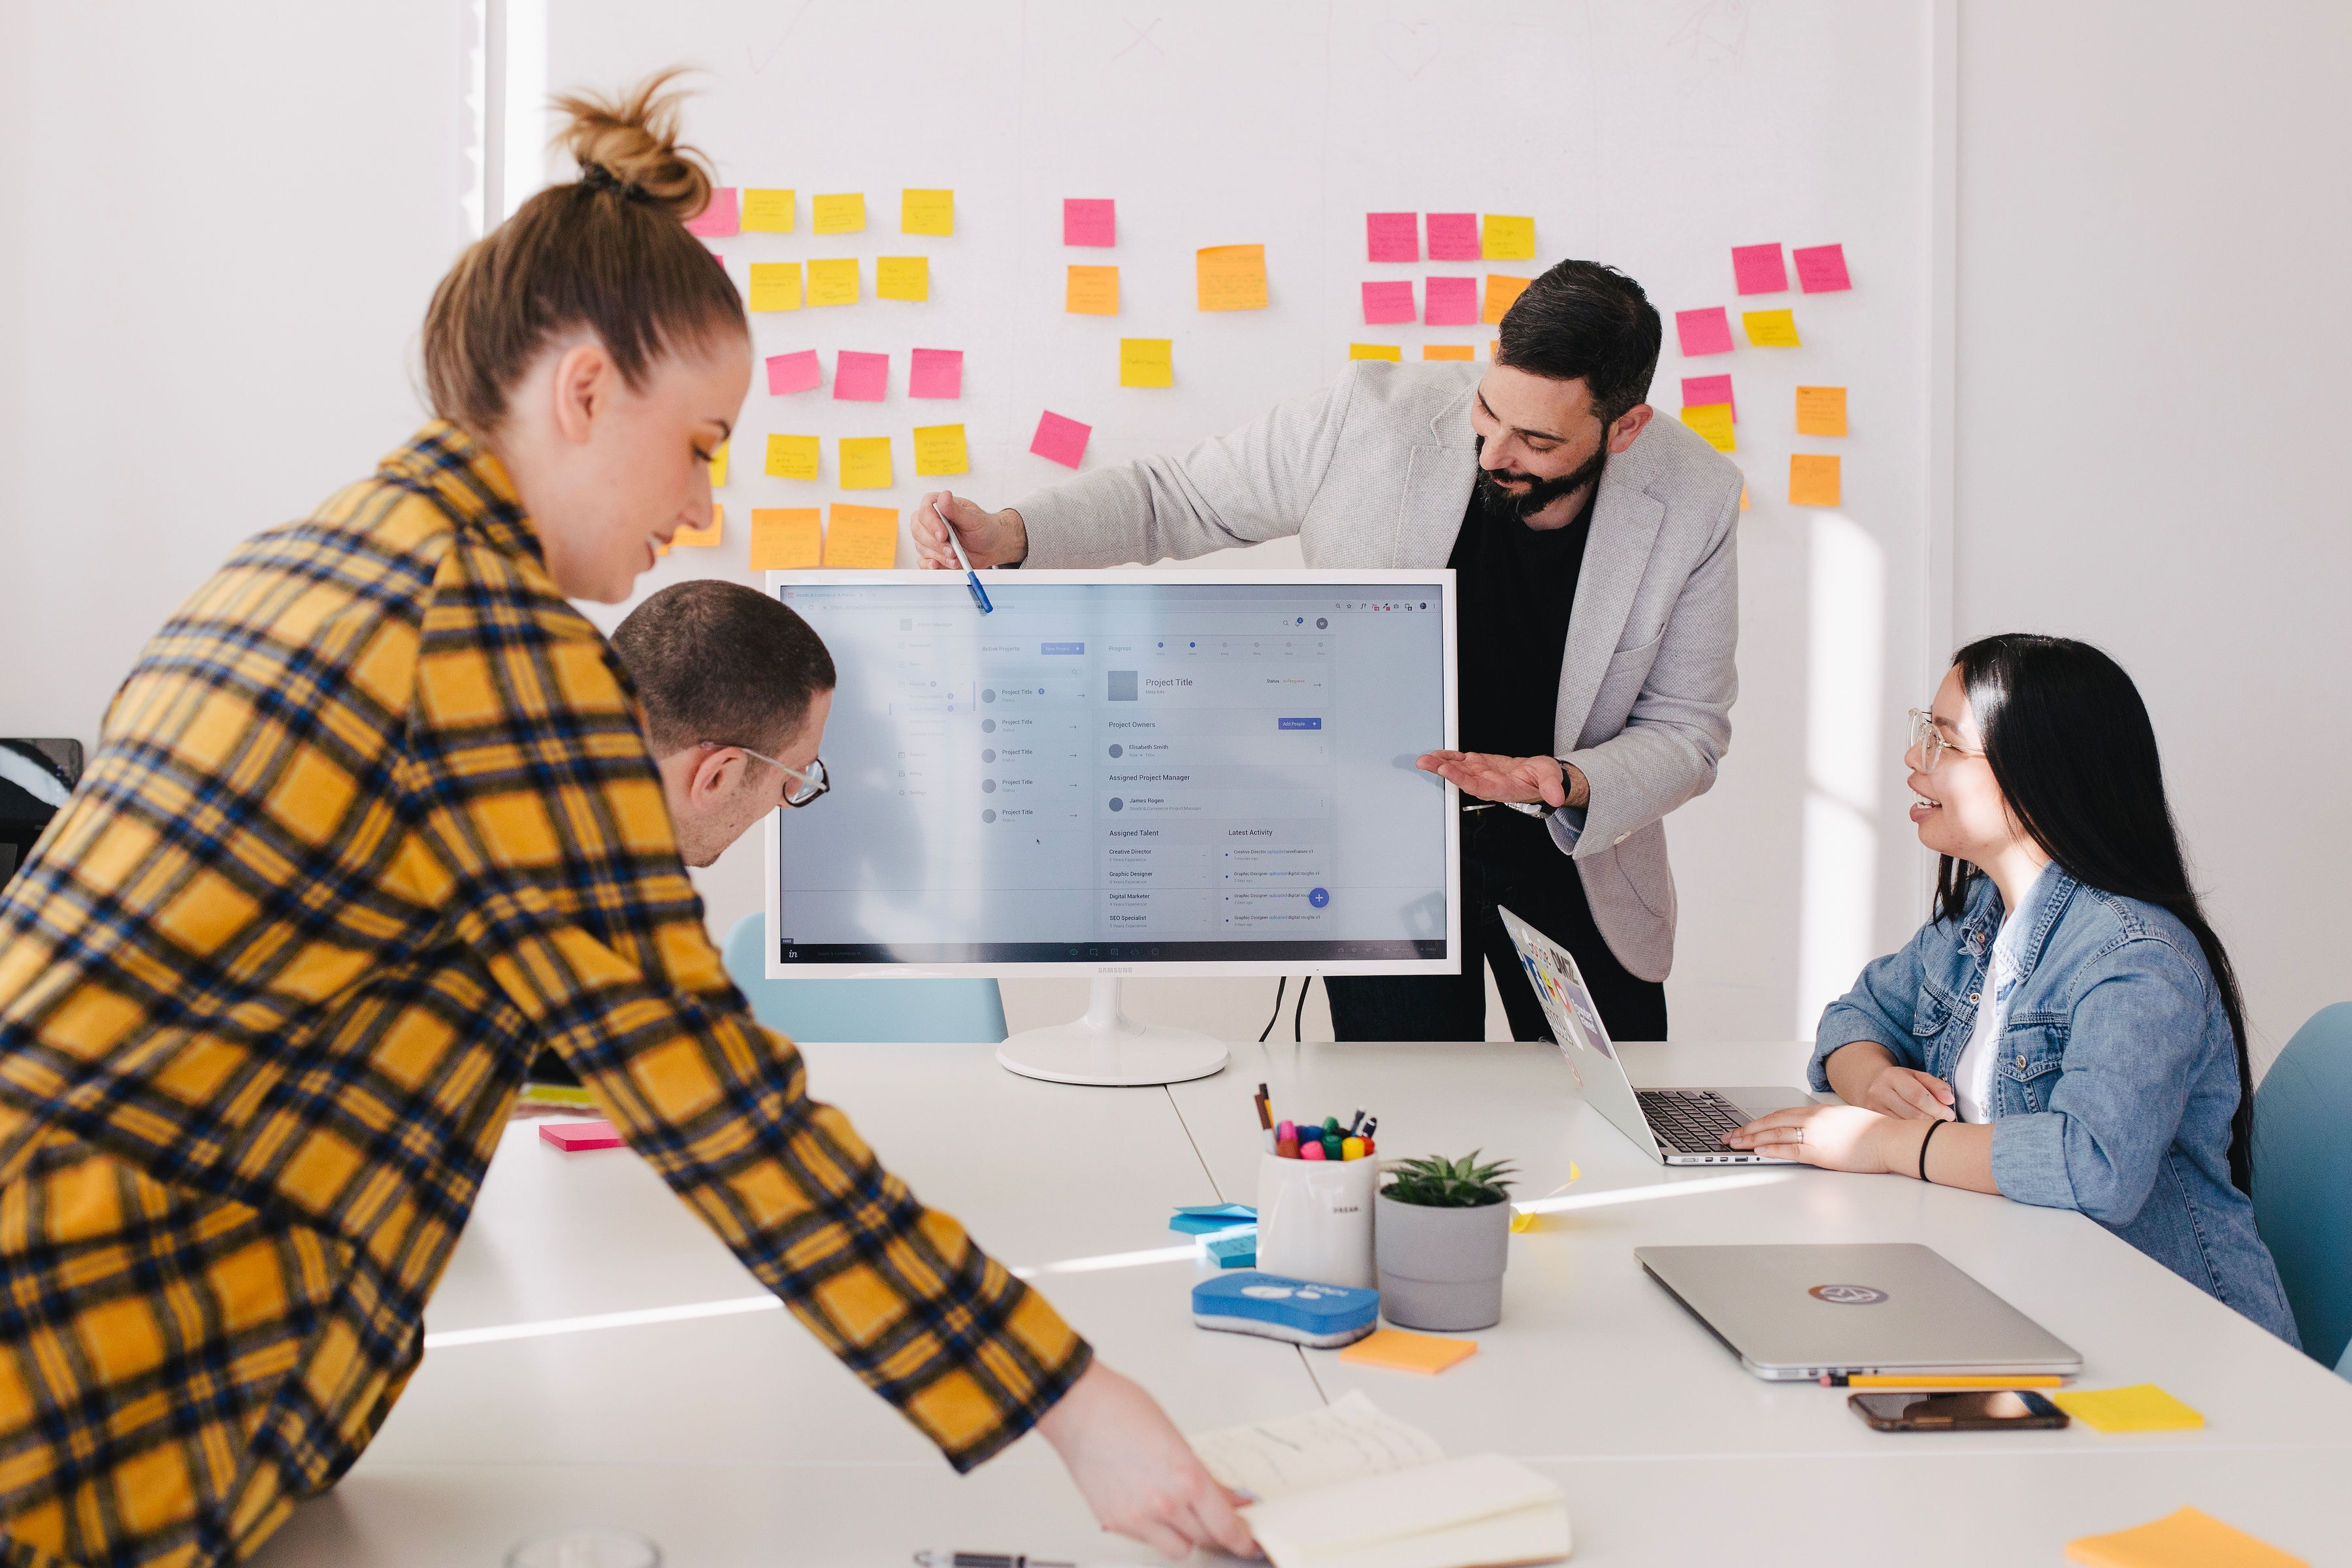 5 bonnes raisons d'améliorer l'expérience-employé (EX)